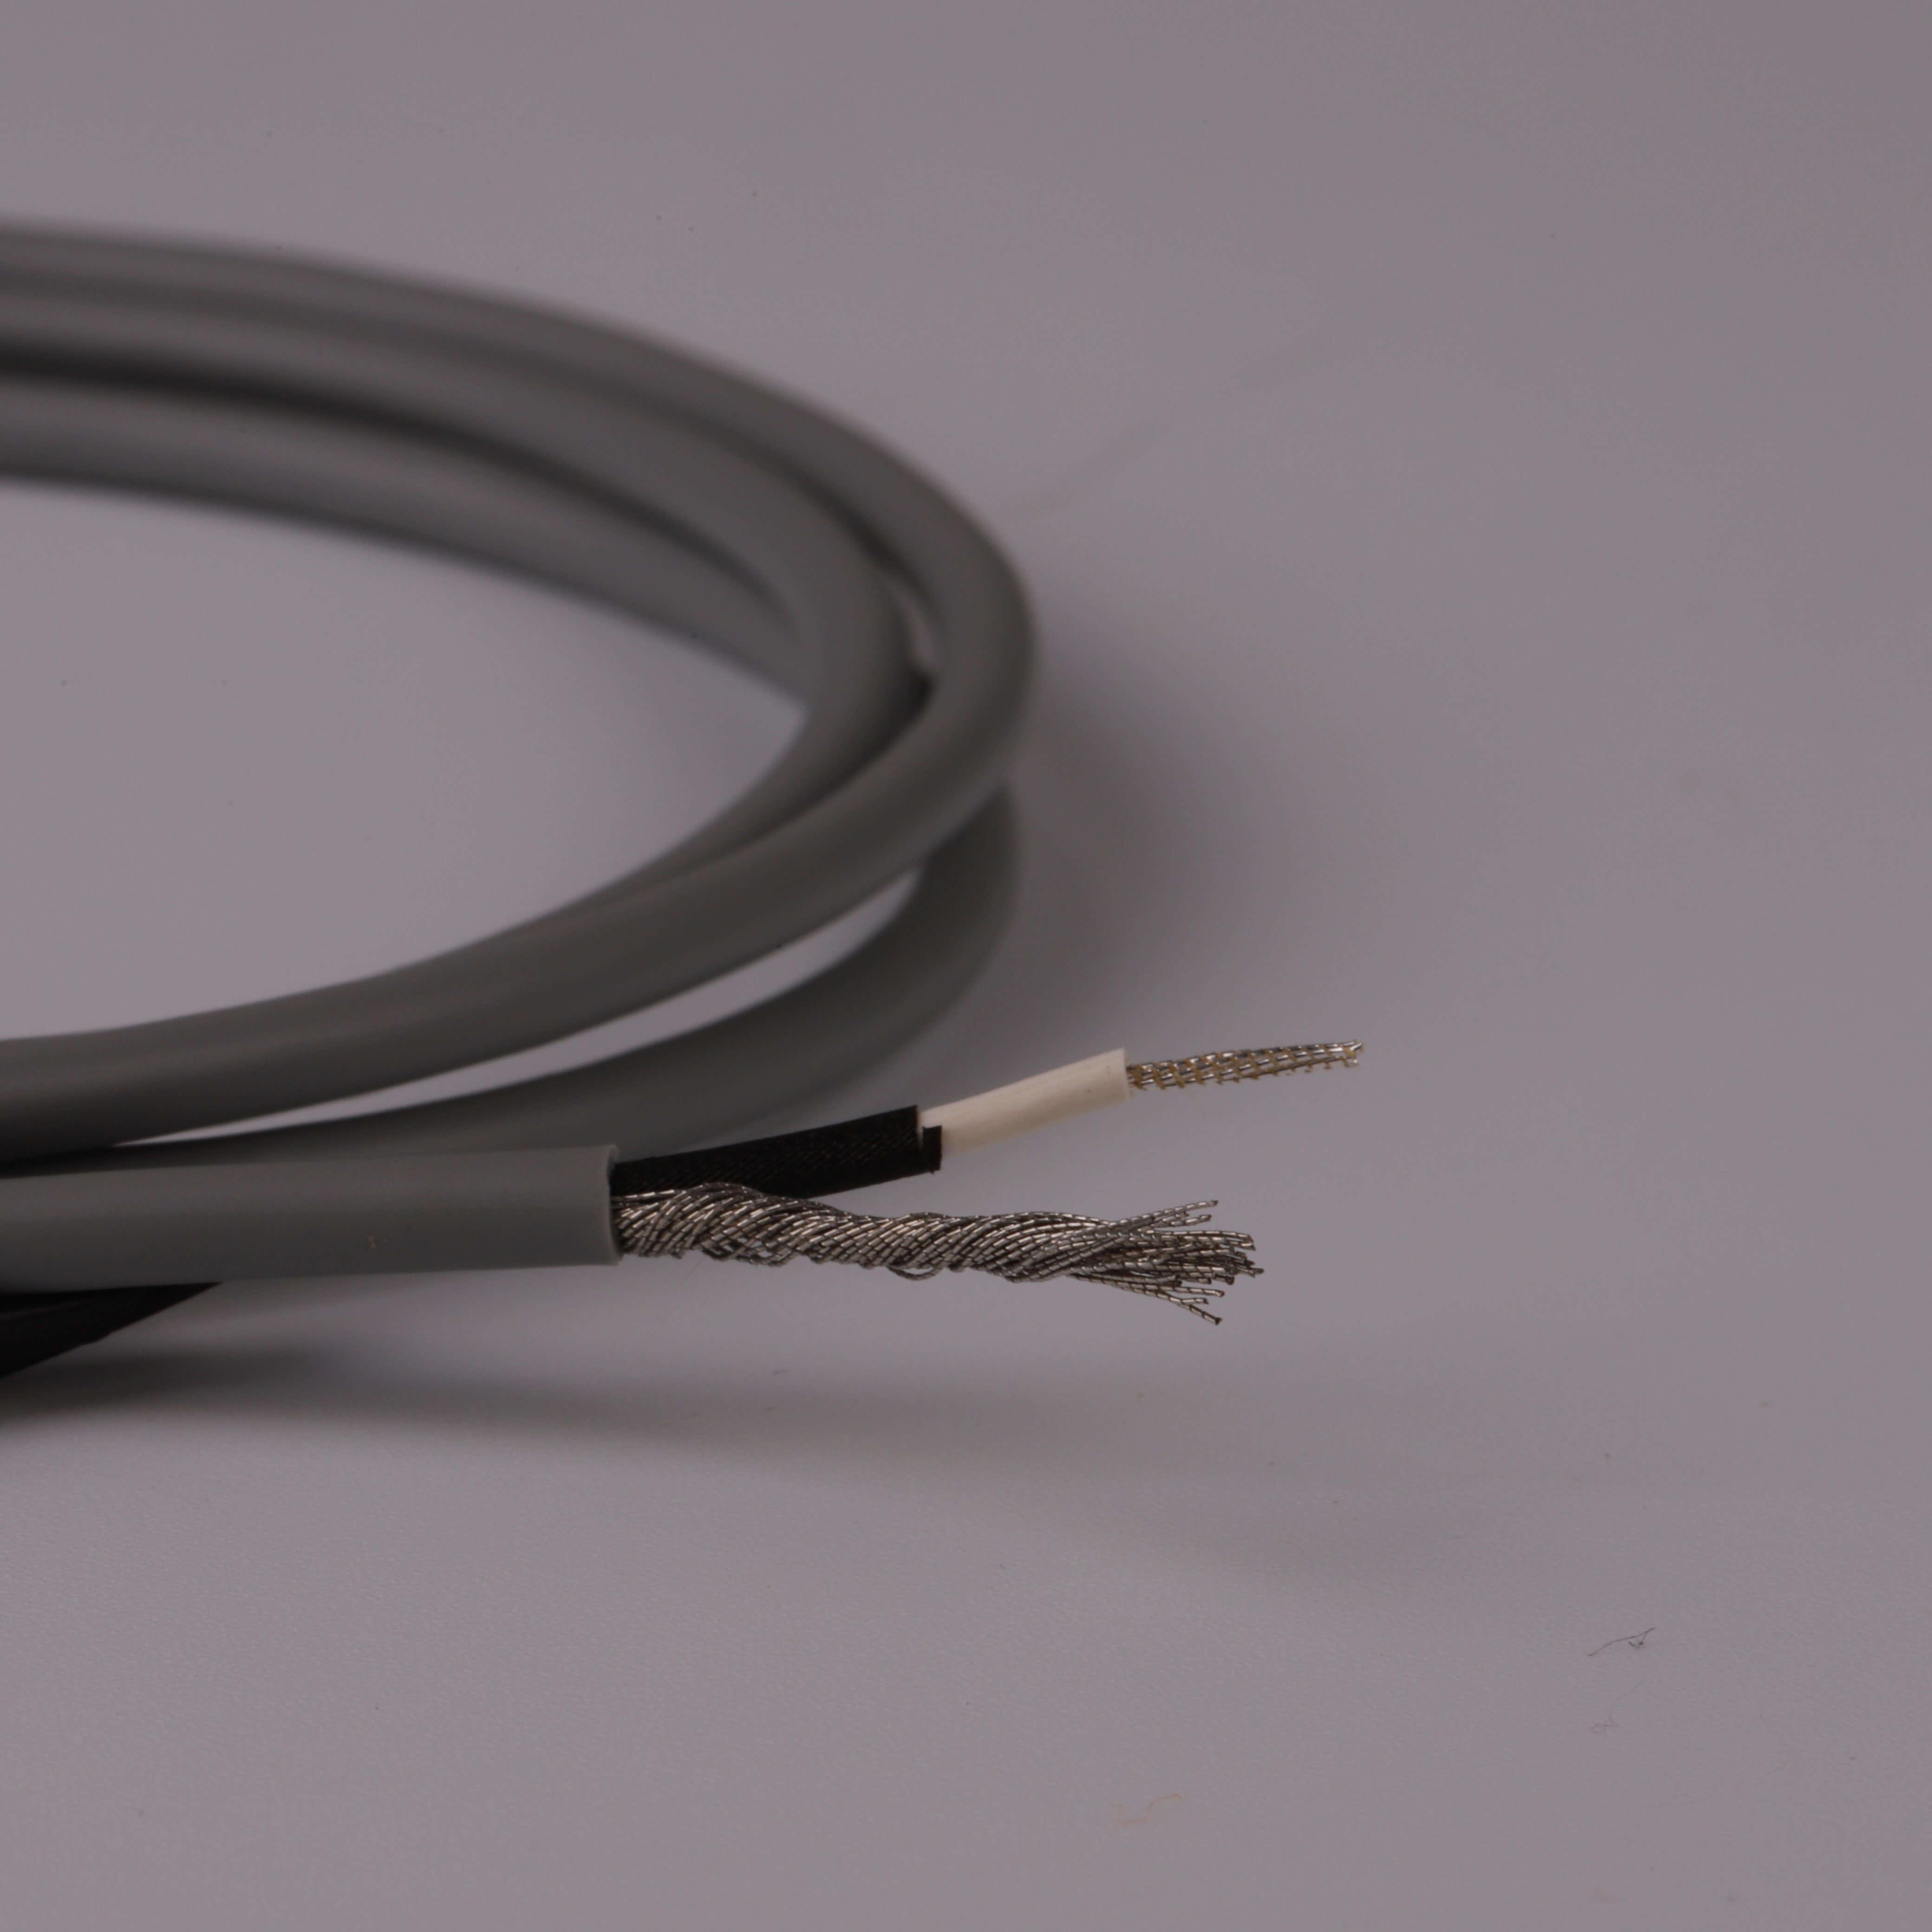 ECG cable EC201S-001